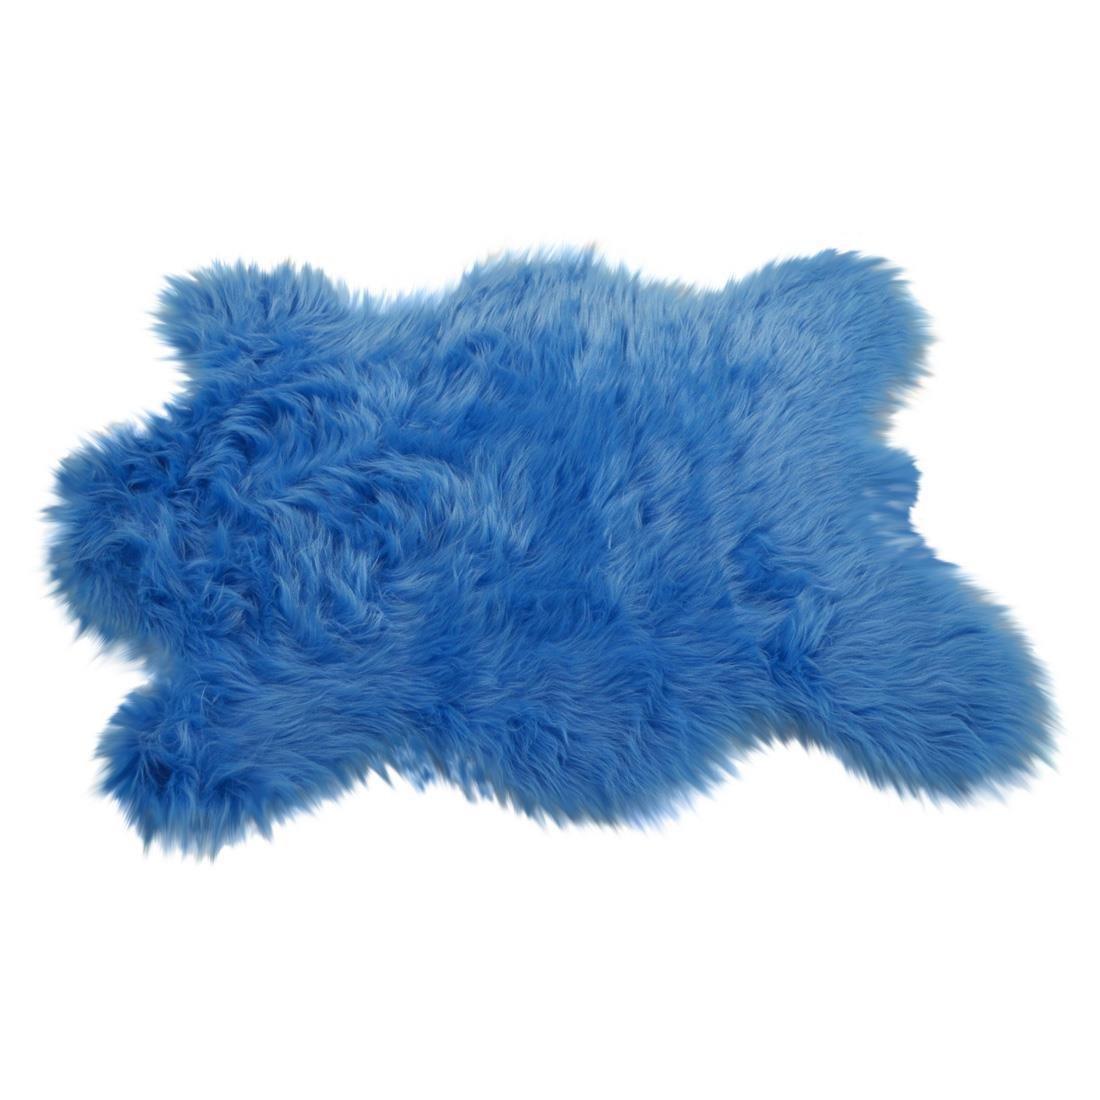 Flokati in Tierfellform mit 70mm Hochflor (synth.), Vorleger  Teppich 140x190cm, blau